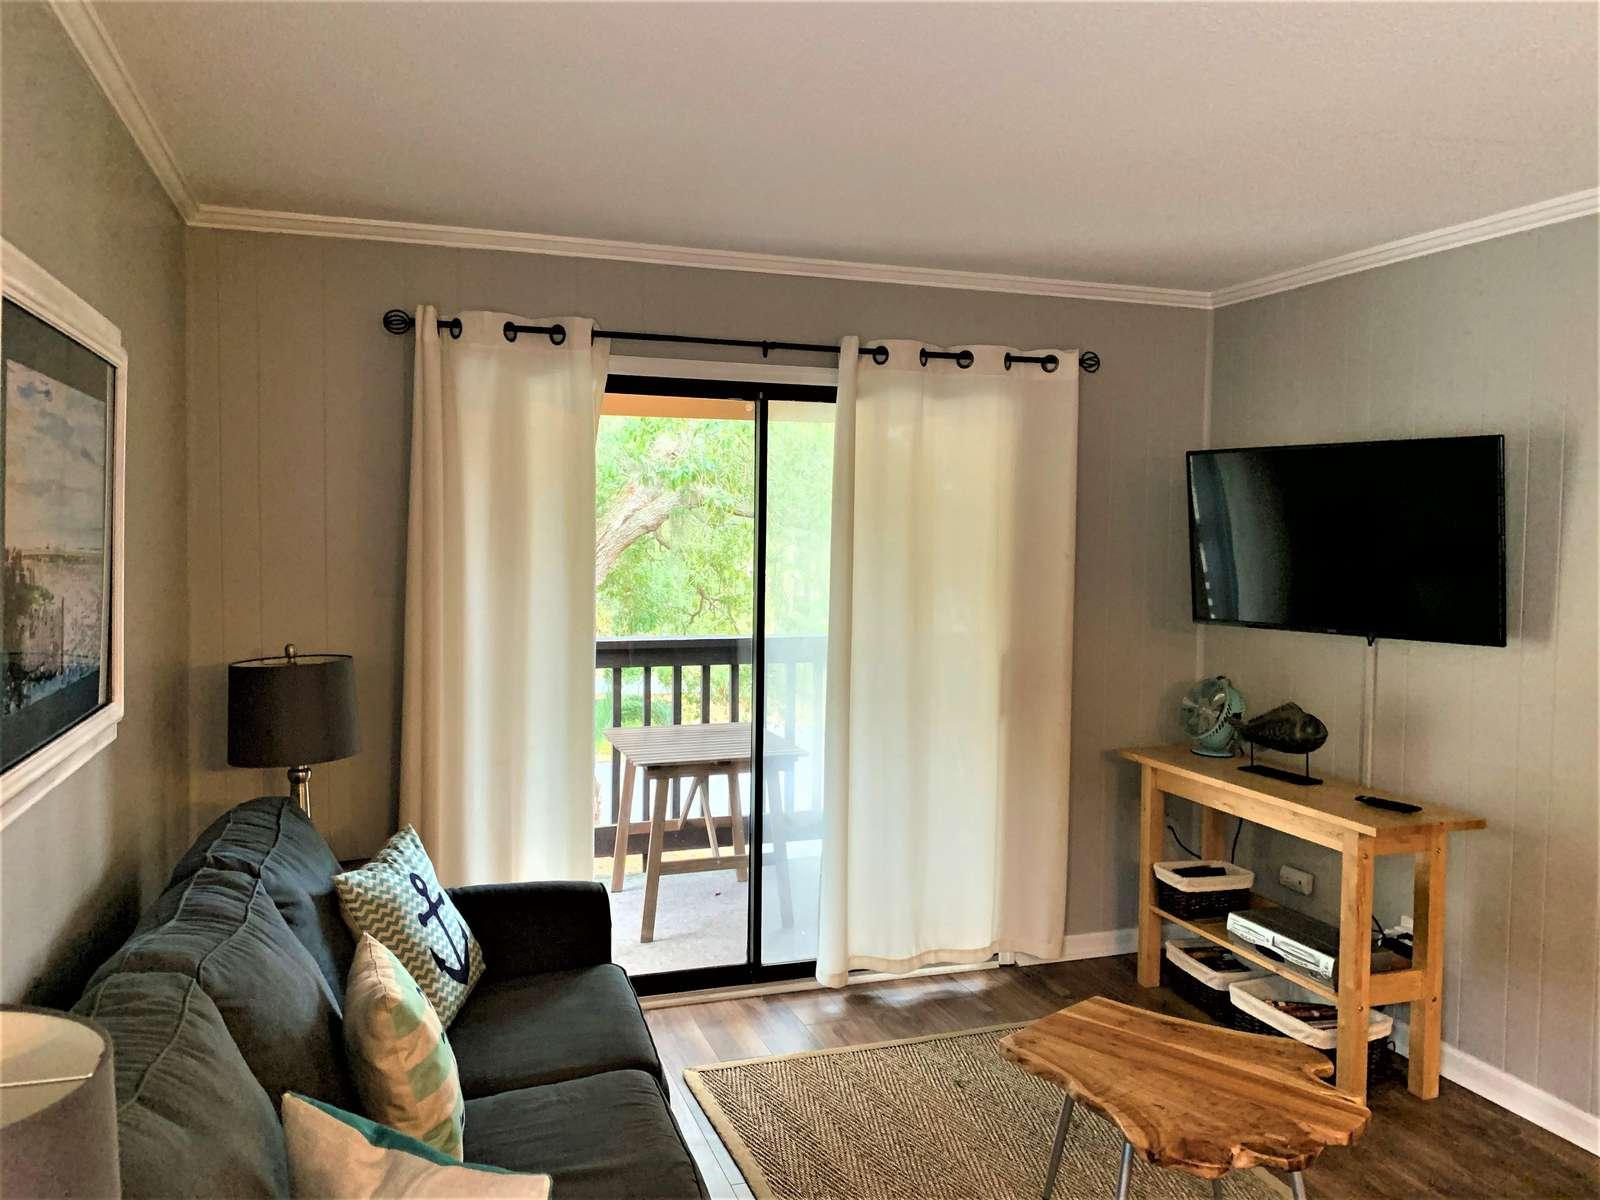 Flat Screen Smart TV in Living Room